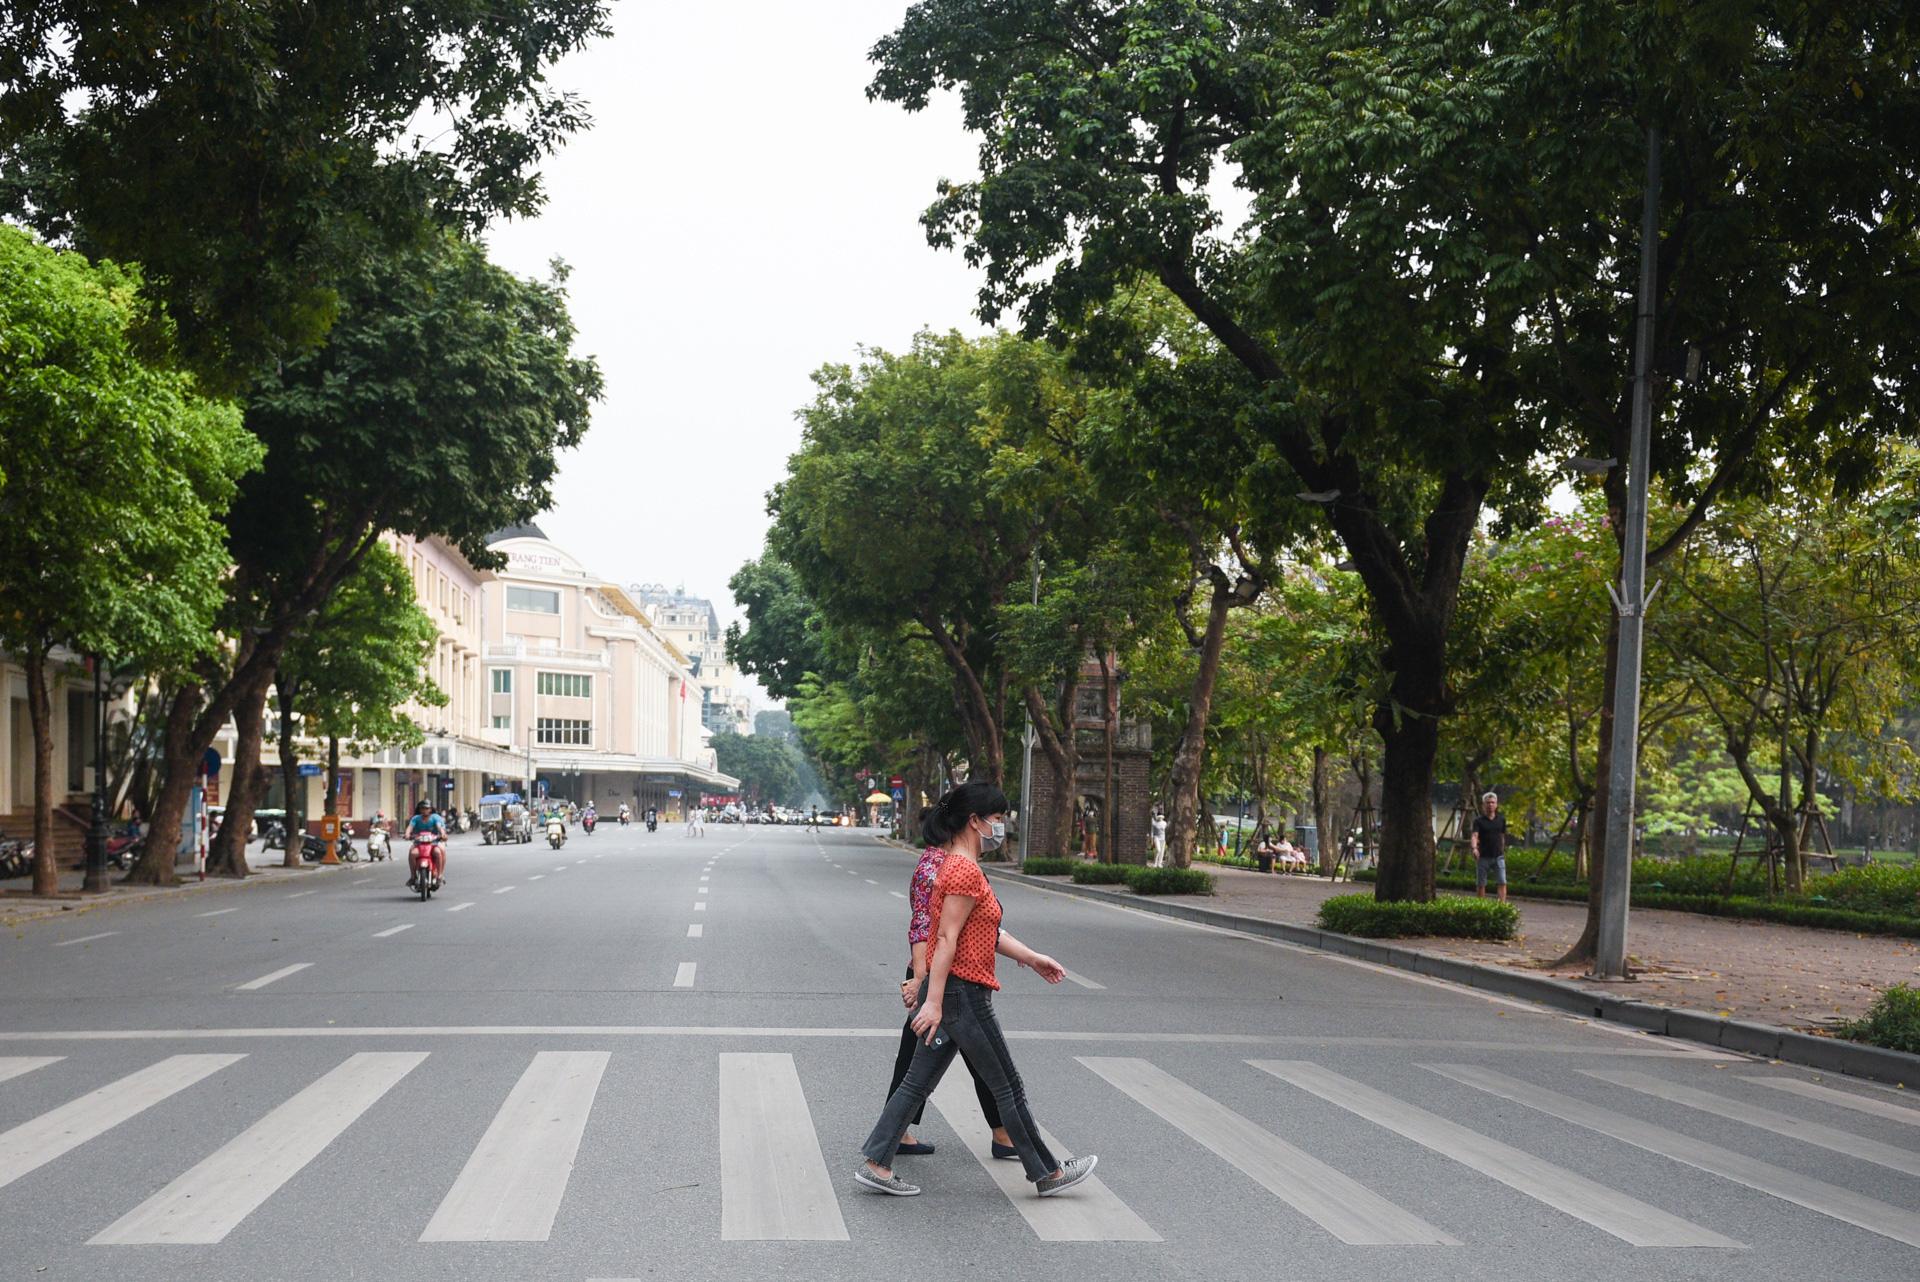 Tình hình dịch ở Hà Nội, TP HCM phức tạp nhưng vẫn trong tầm kiểm soát - Ảnh 1.